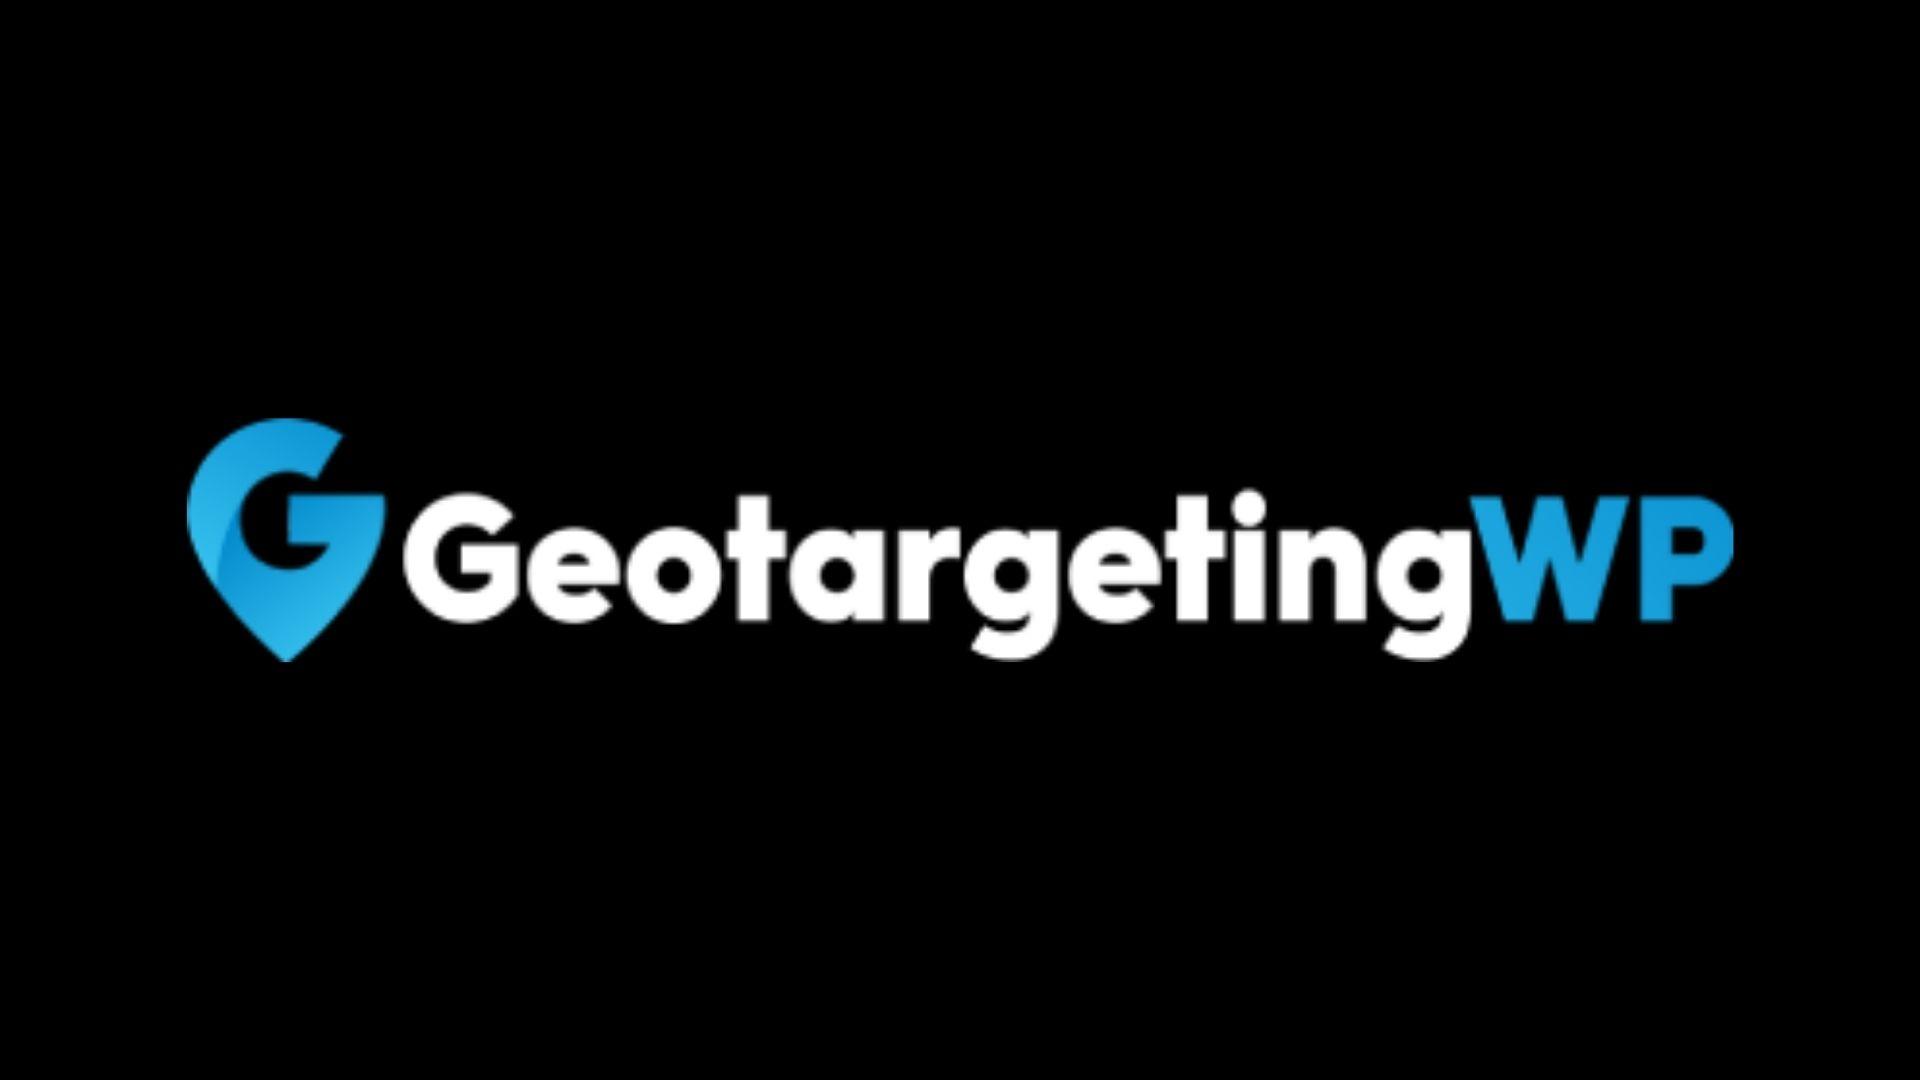 Geotargeting WP